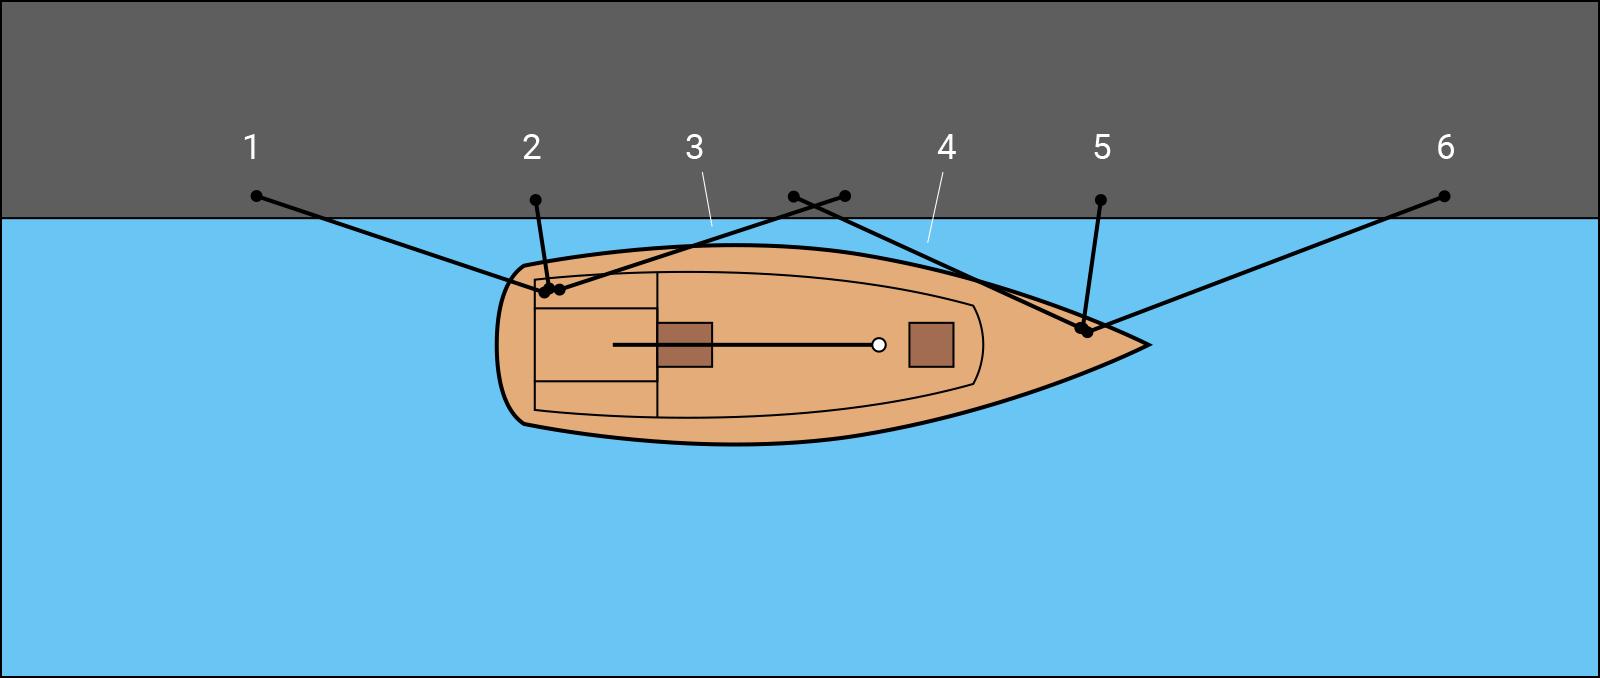 Названия швартовых концов яхты